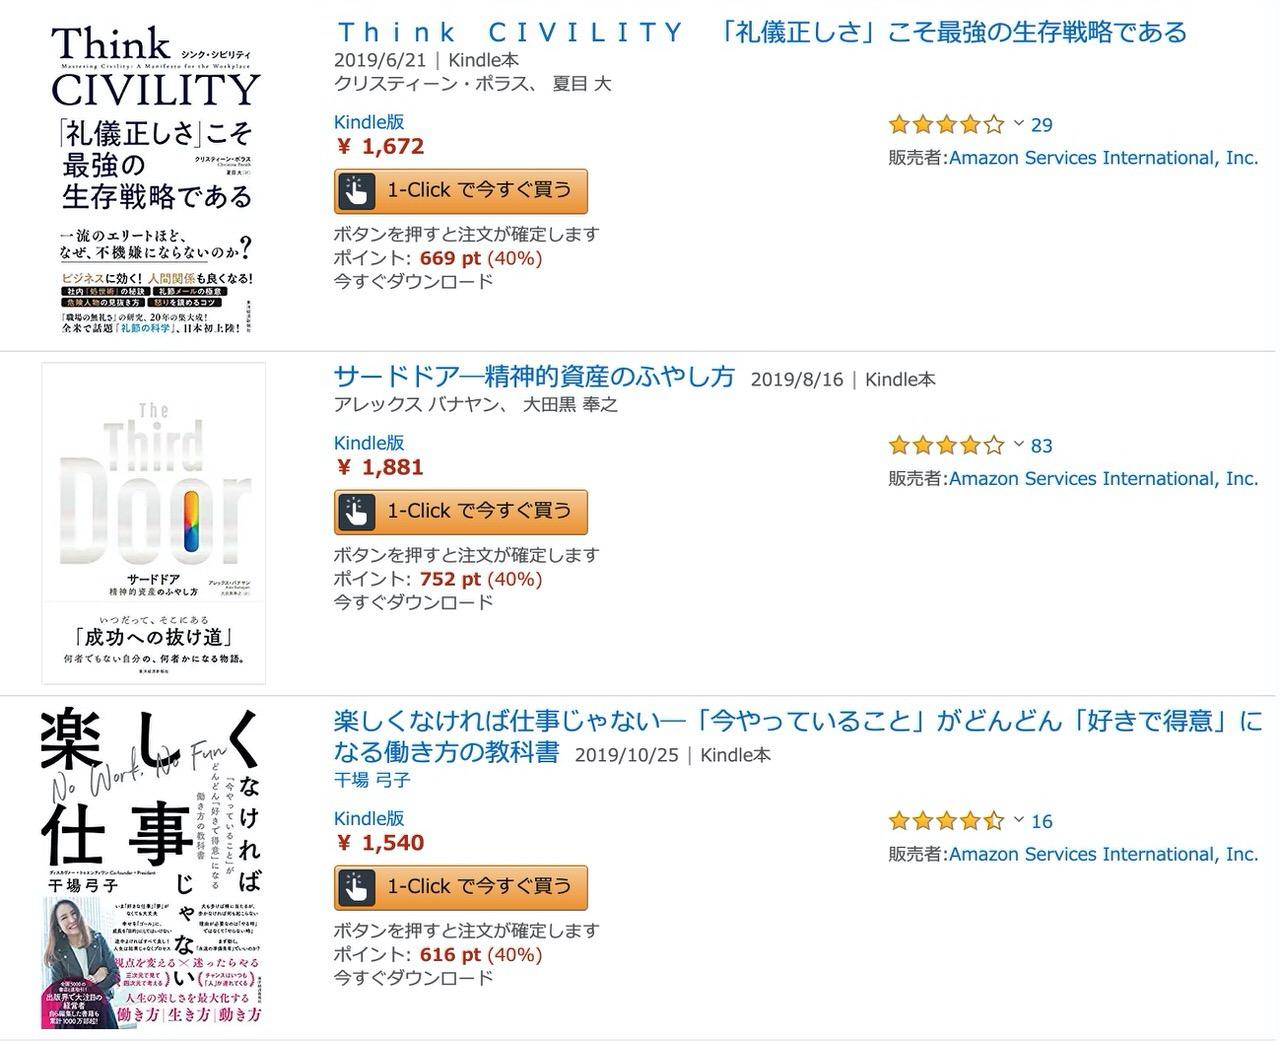 【Kindleセール】楽しくなければ仕事じゃない、サードドア、東京貧困女子。など「東洋経済新報社フェア」(11/28まで)